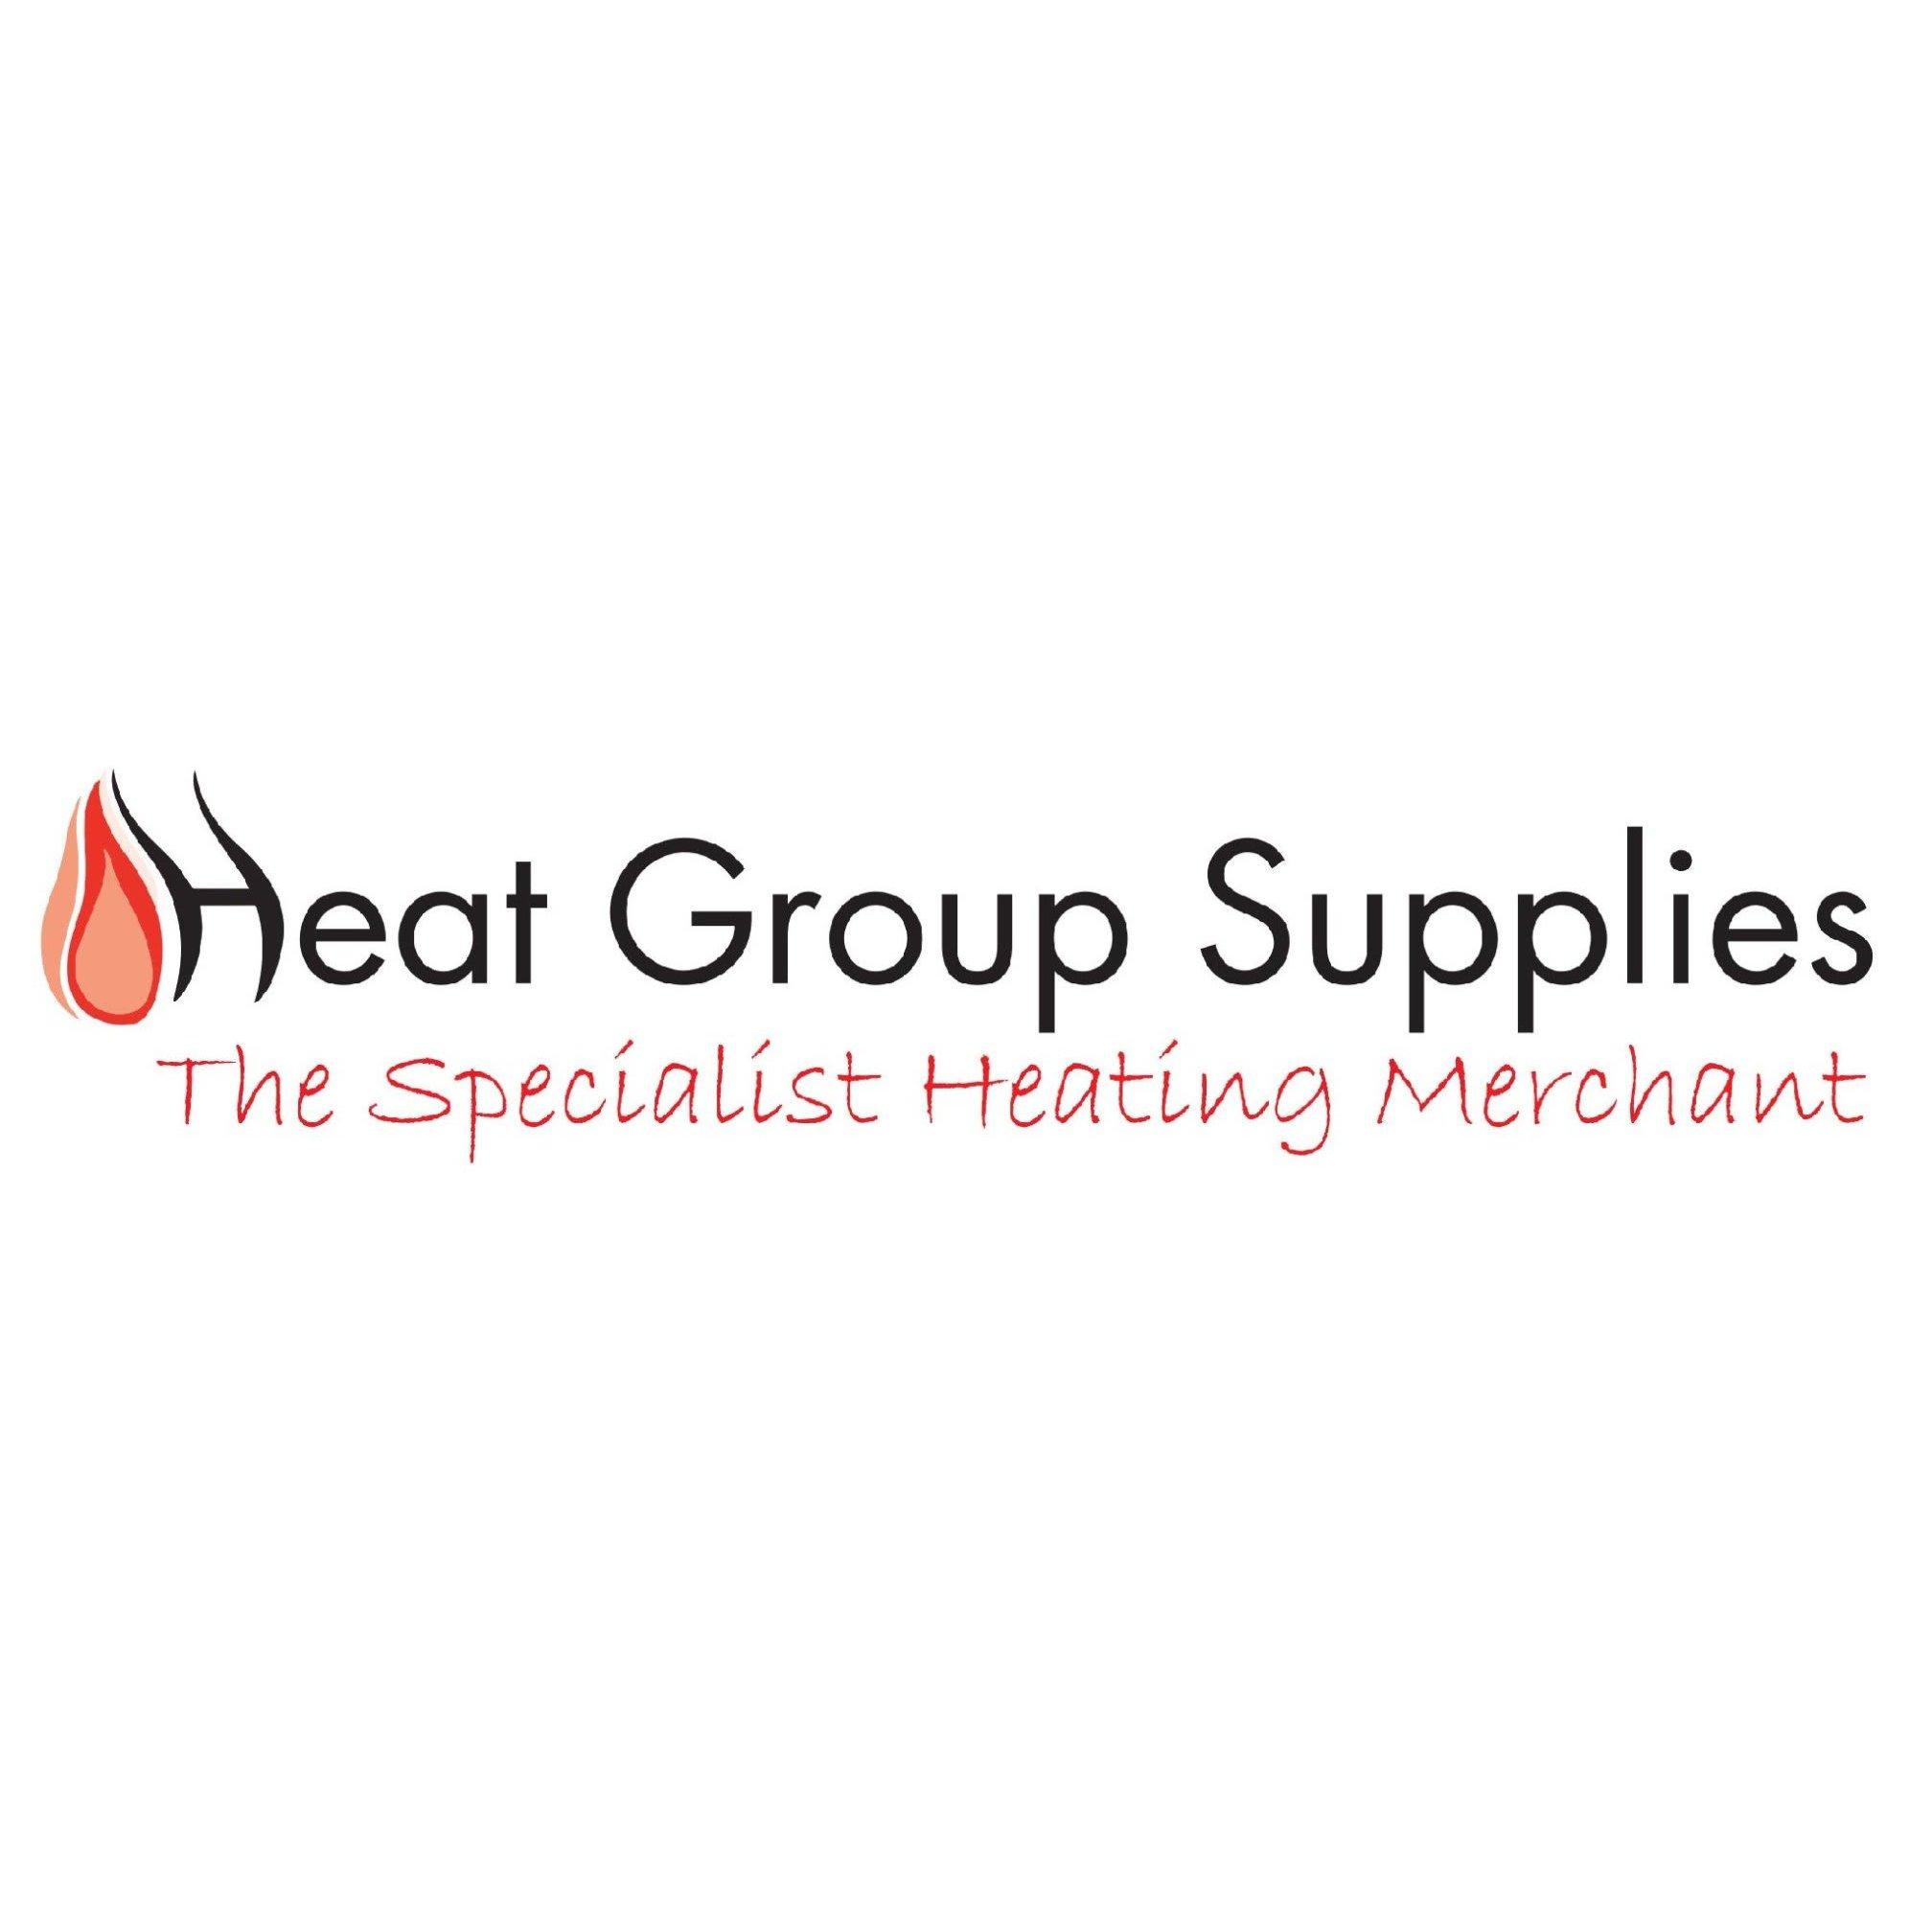 Heat Group Supplies